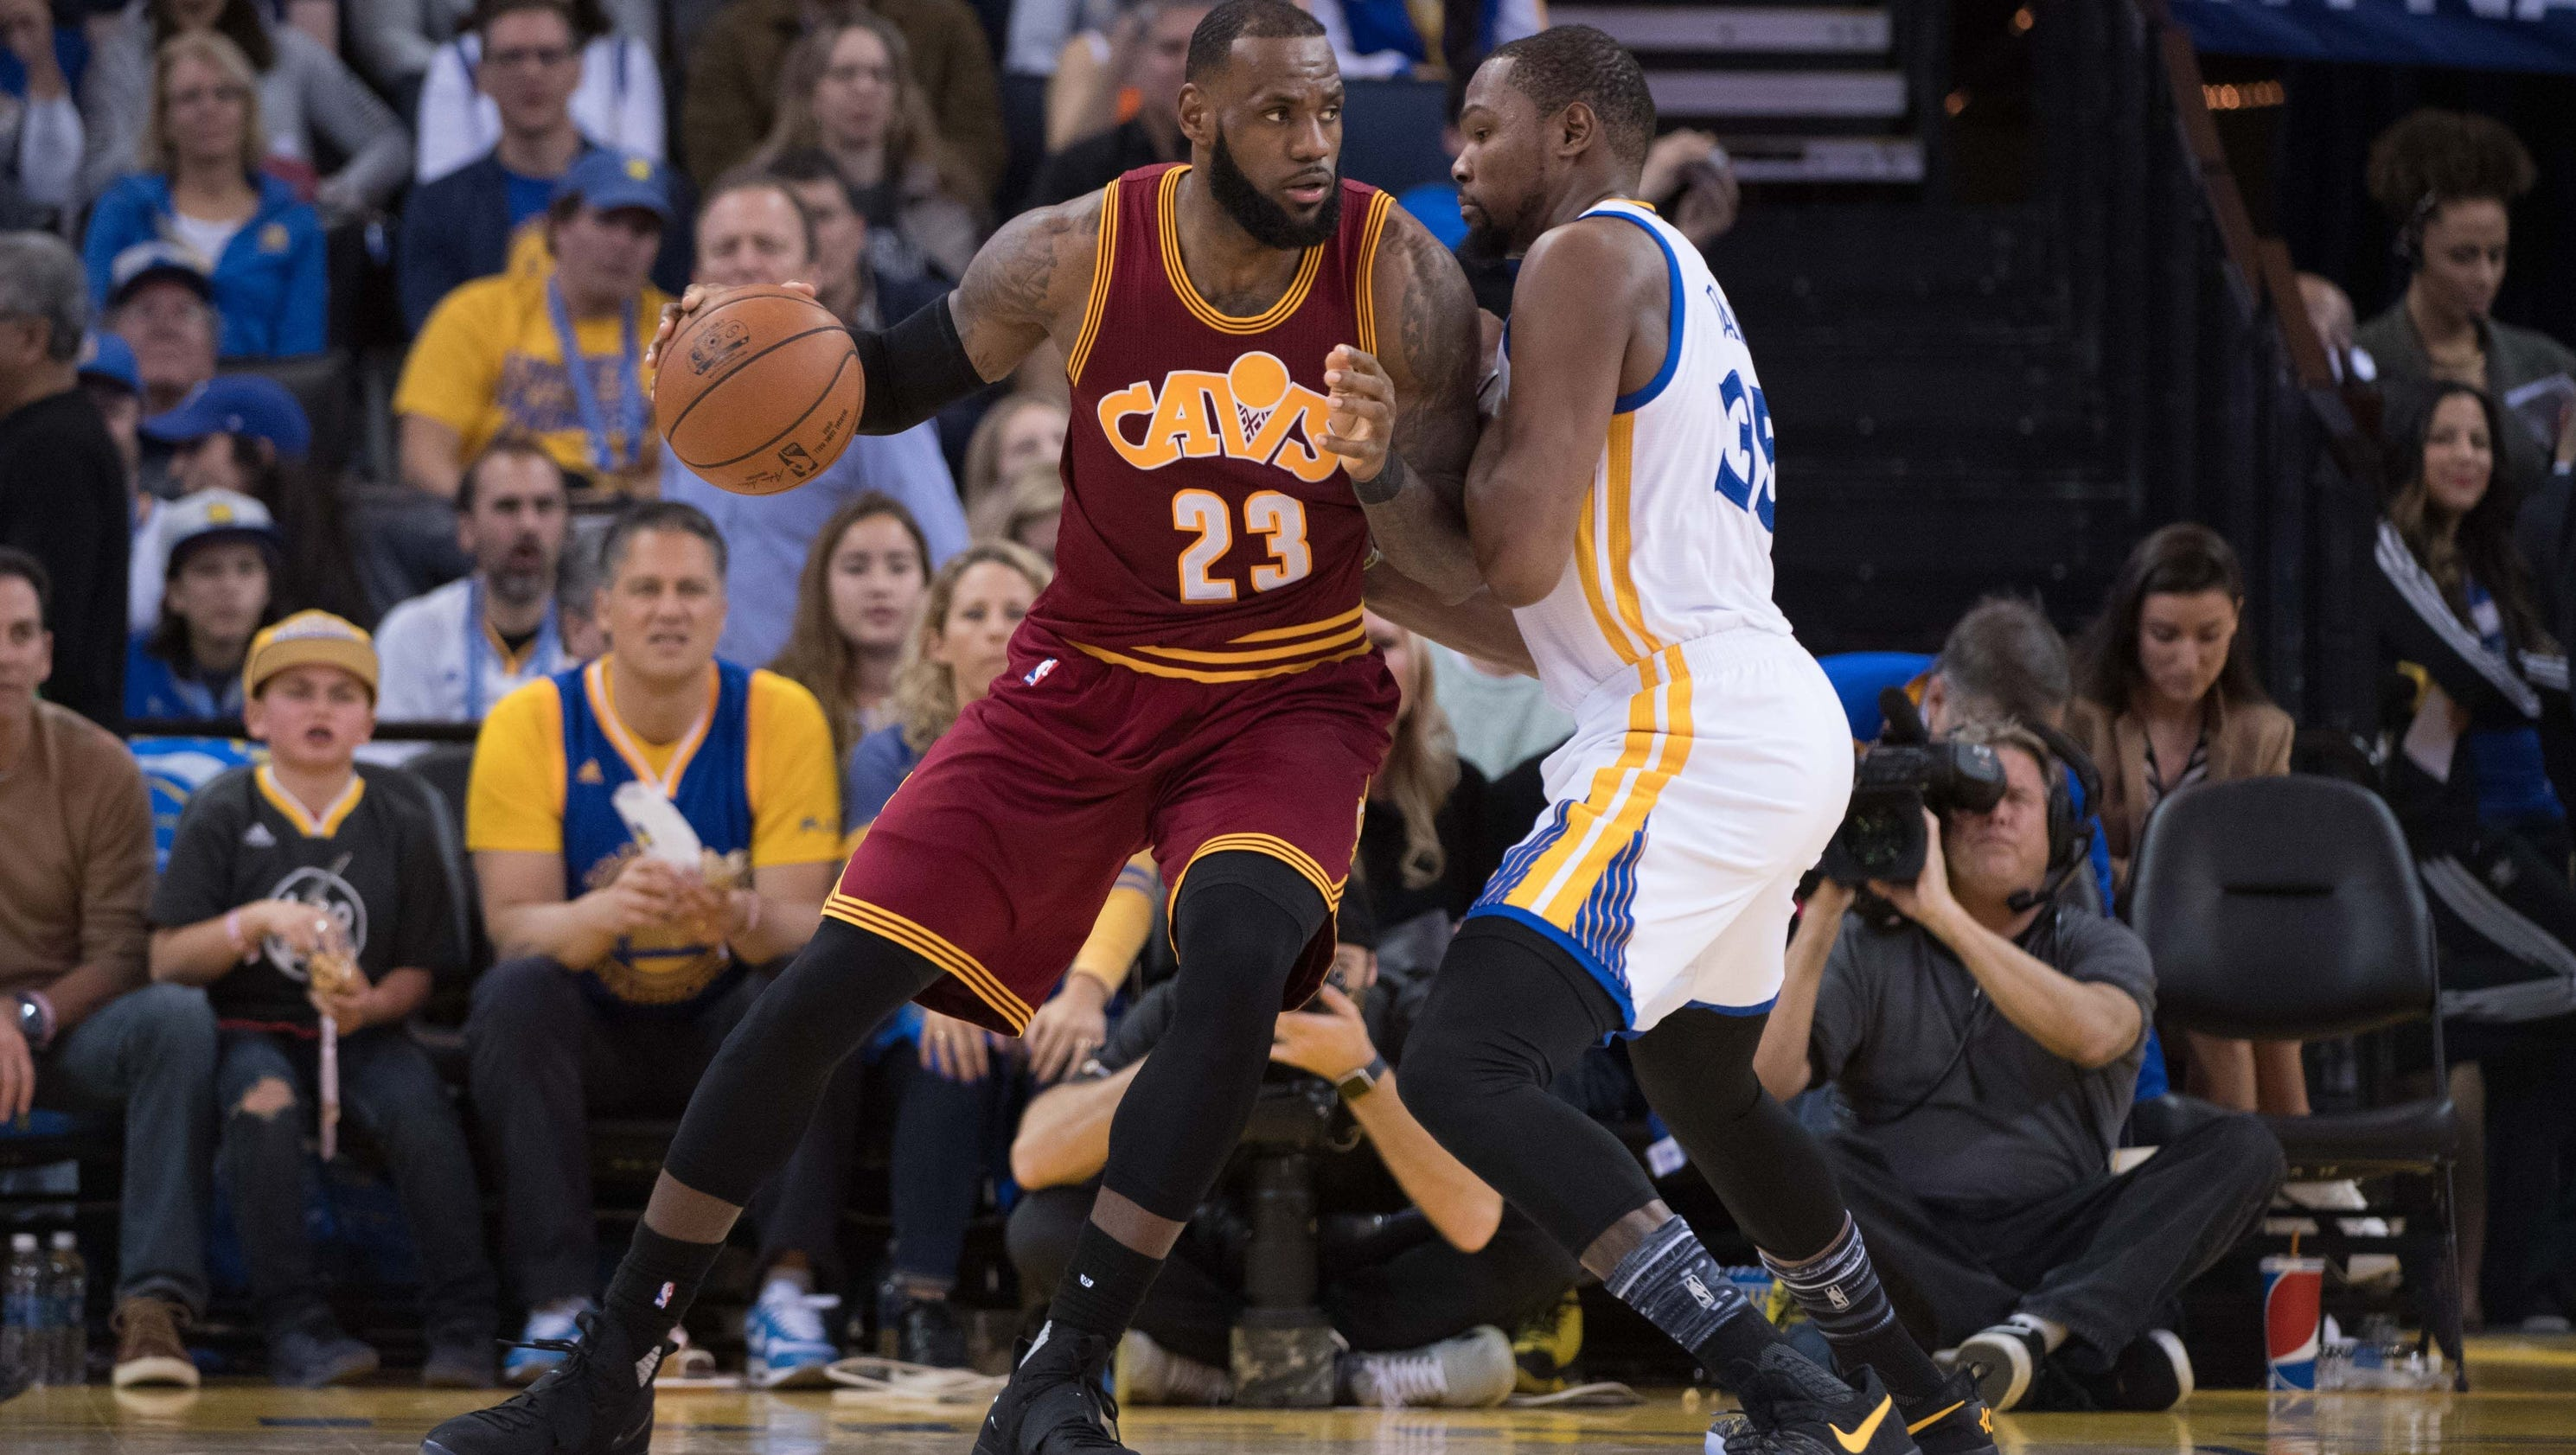 NBA Finals: Warriors-Cavs set for unprecedented trilogy